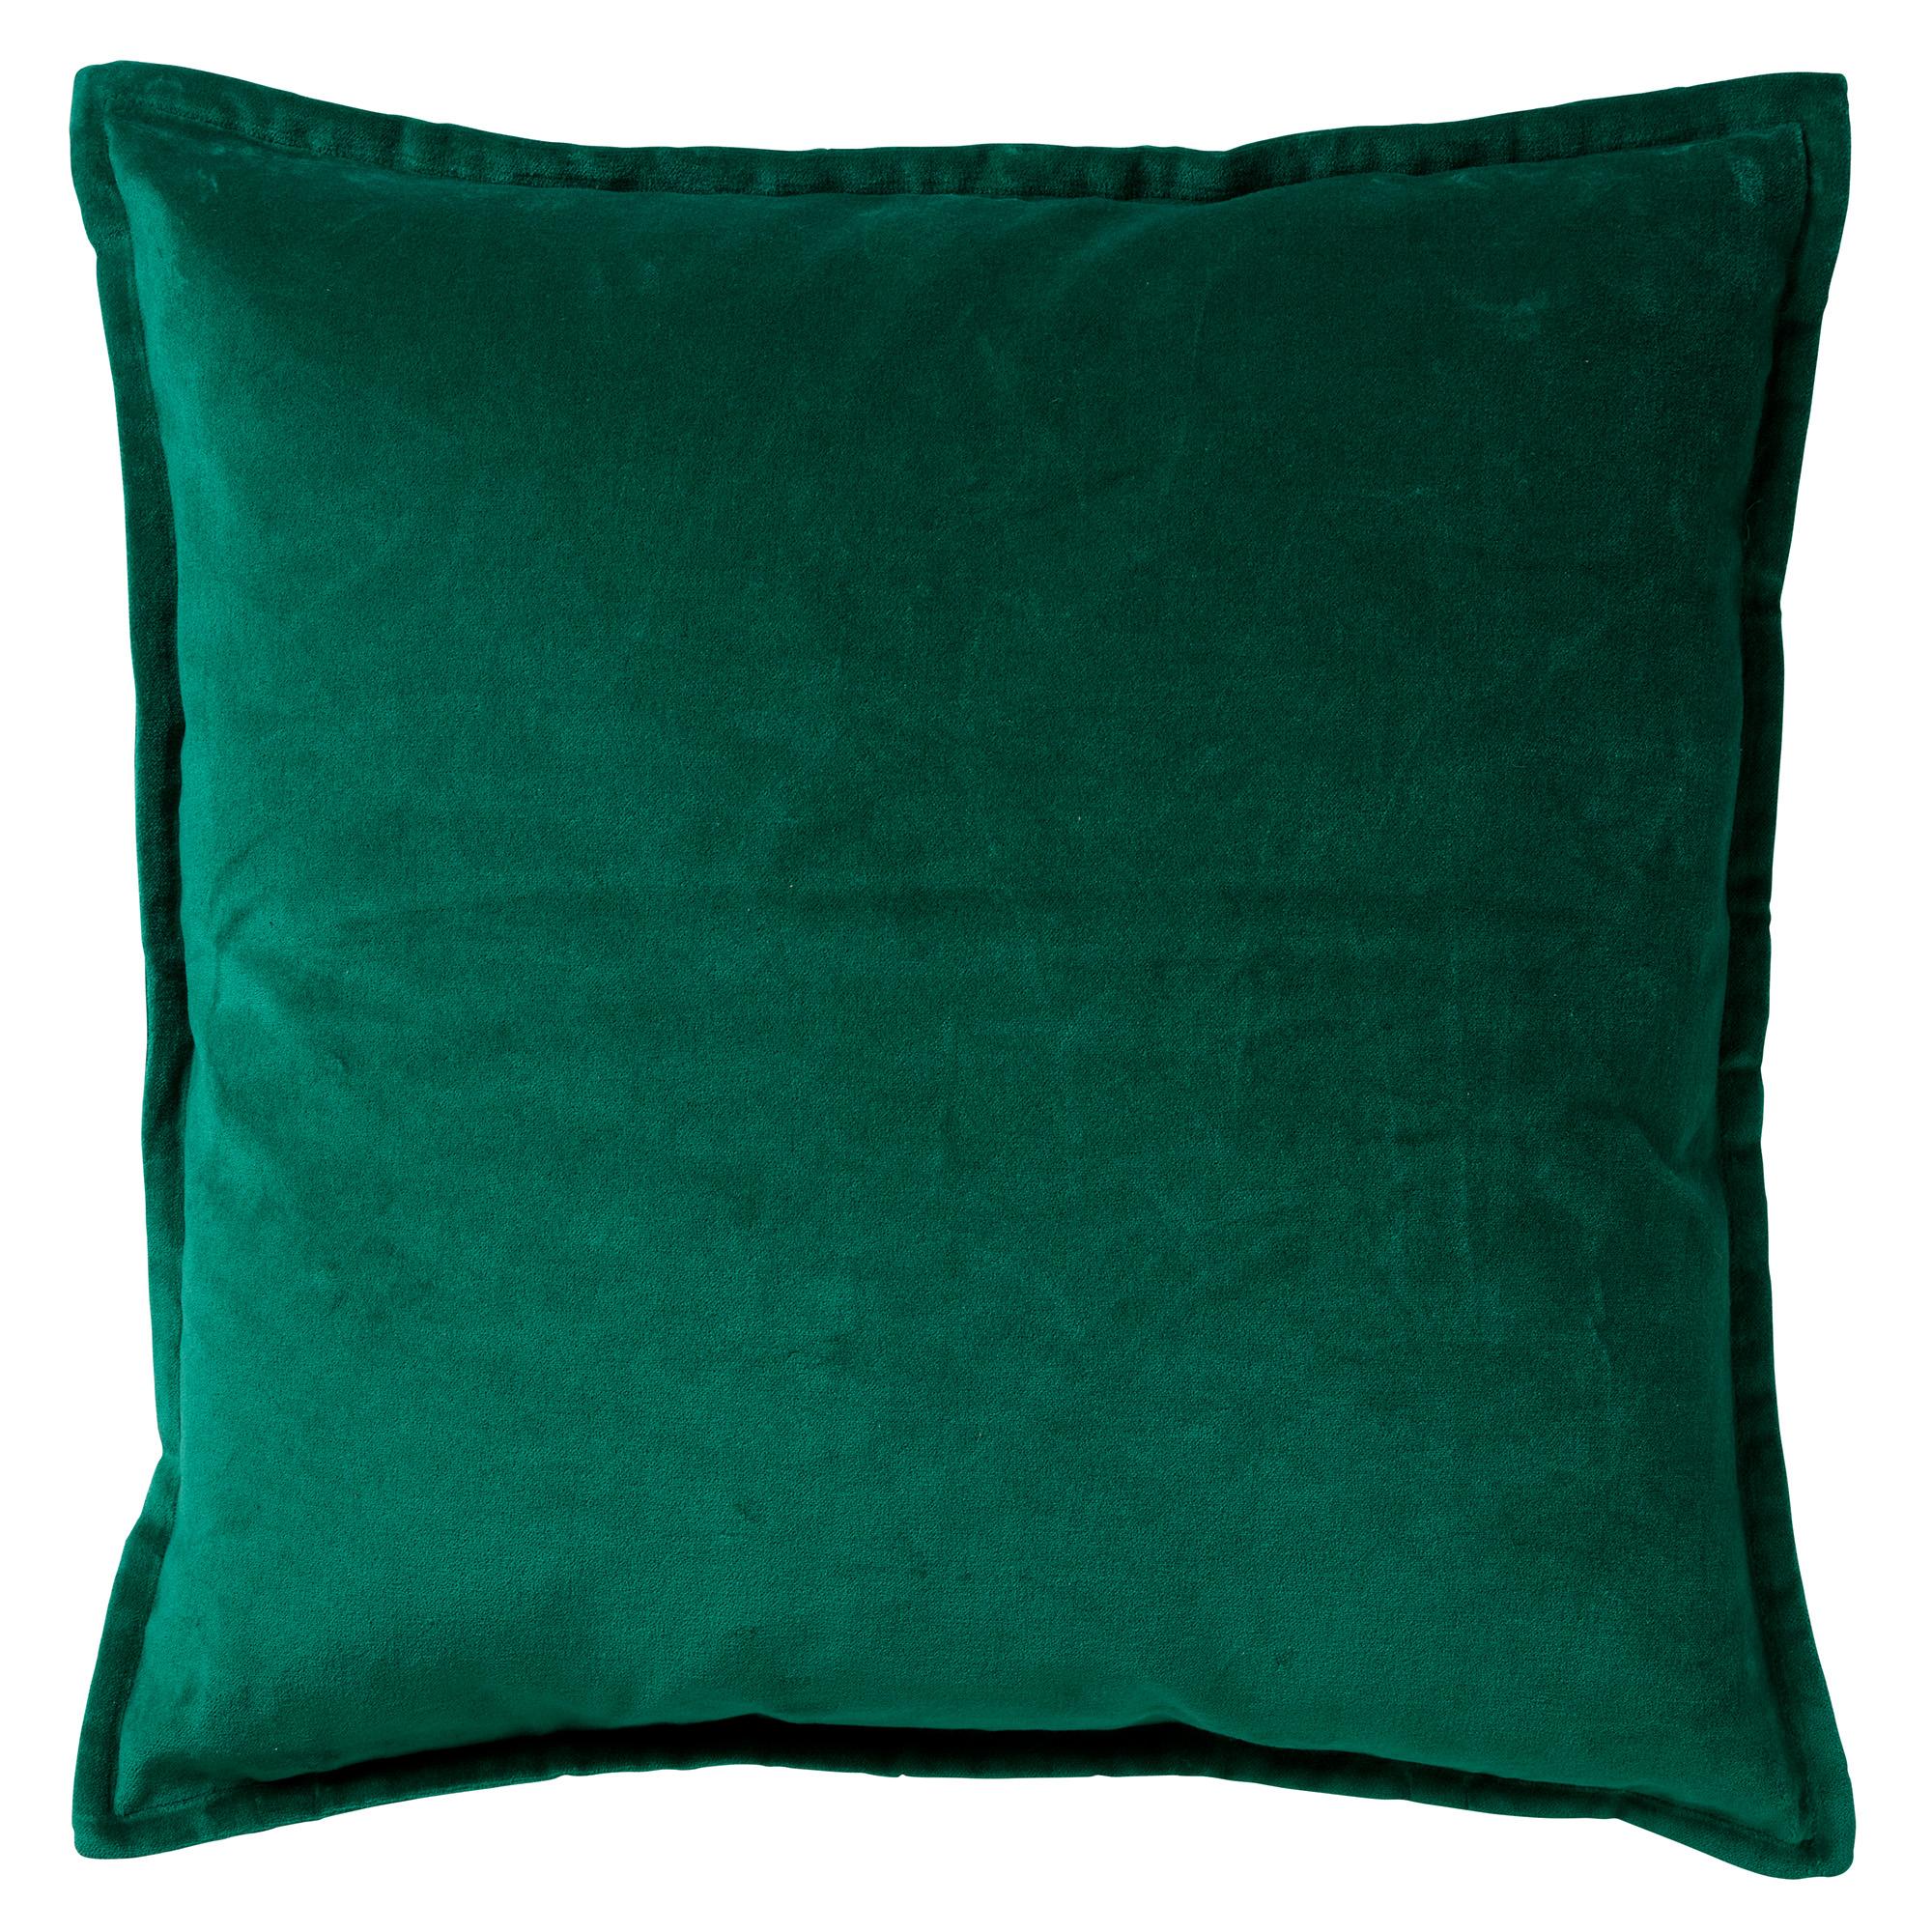 CAITH - Sierkussen velvet Galapagos Green 50x50 cm